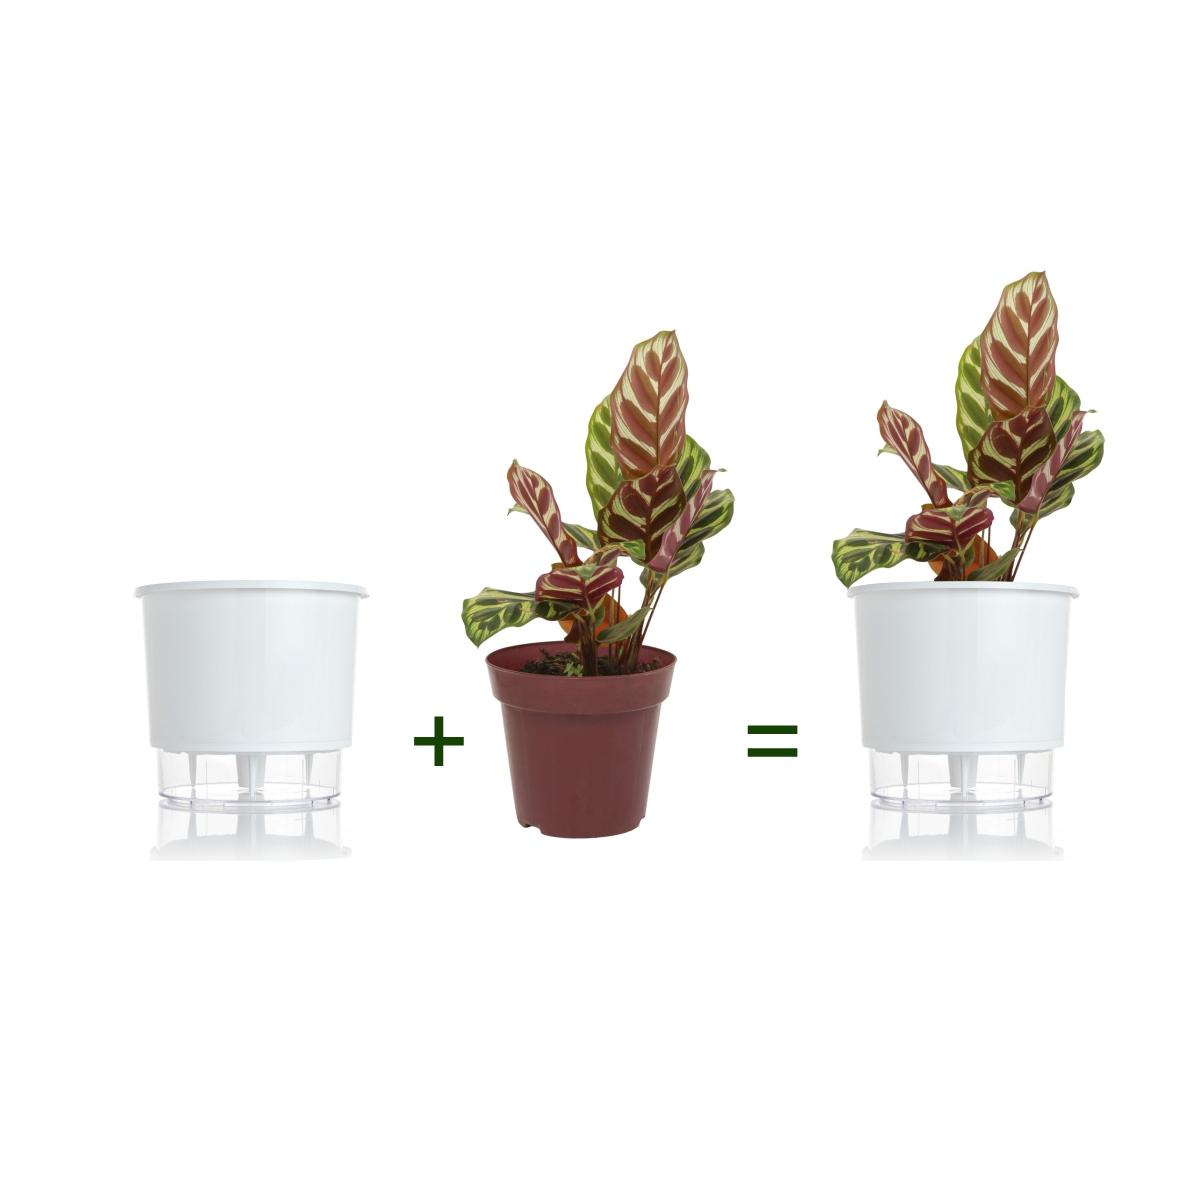 Kit Completo para plantio de Maranta Pavão ou Calathea Makoyana com vaso autoirrigável Médio Branco